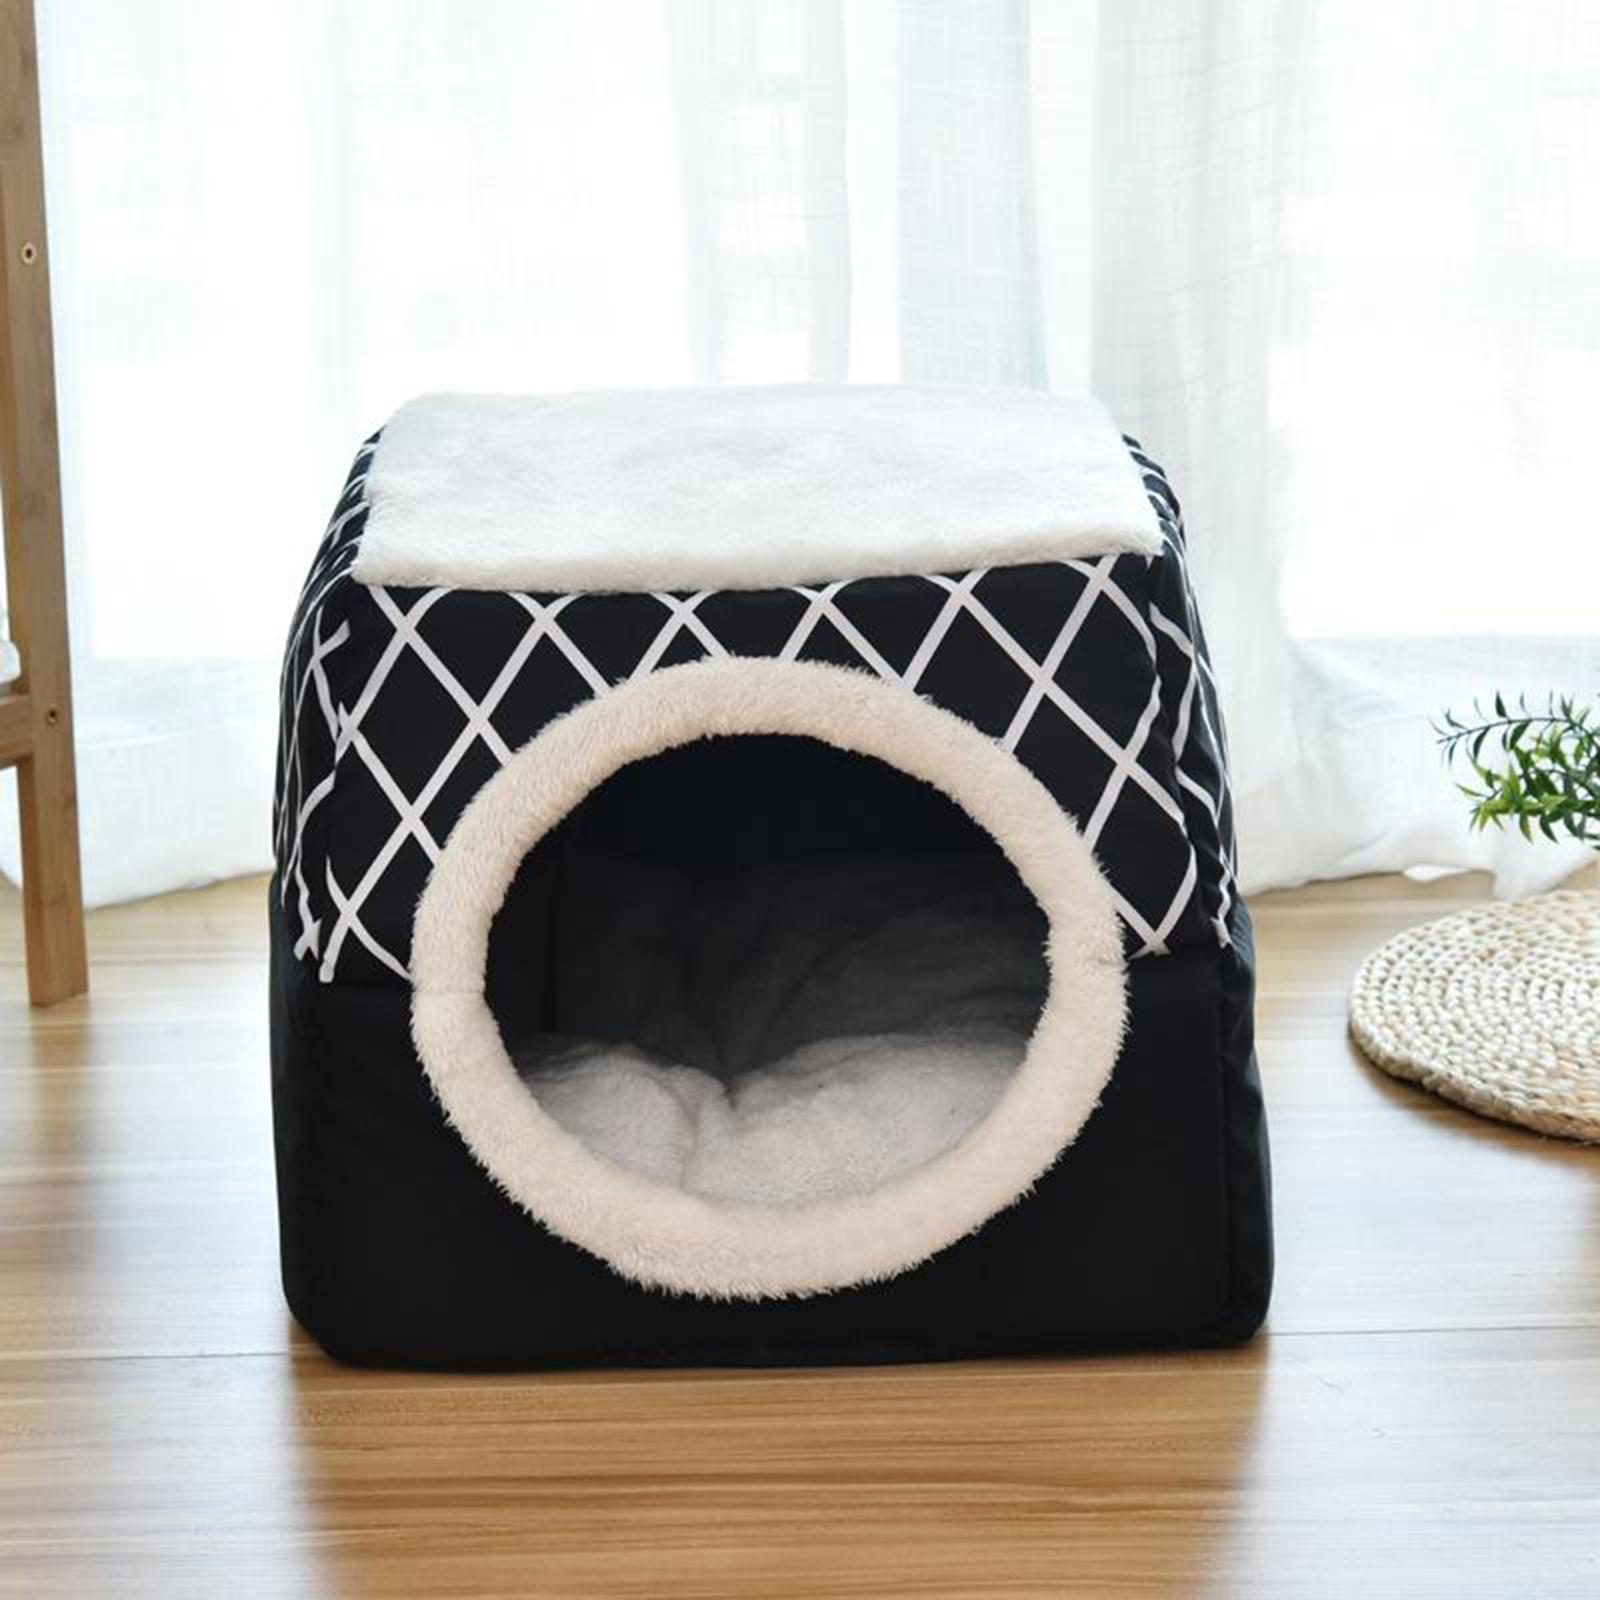 Indexbild 24 - 2-in-1-Weichen-Katzen-Haus-Schlafen-Bett-Zwinger-Puppy-Cave-Warme-Nest-Matte